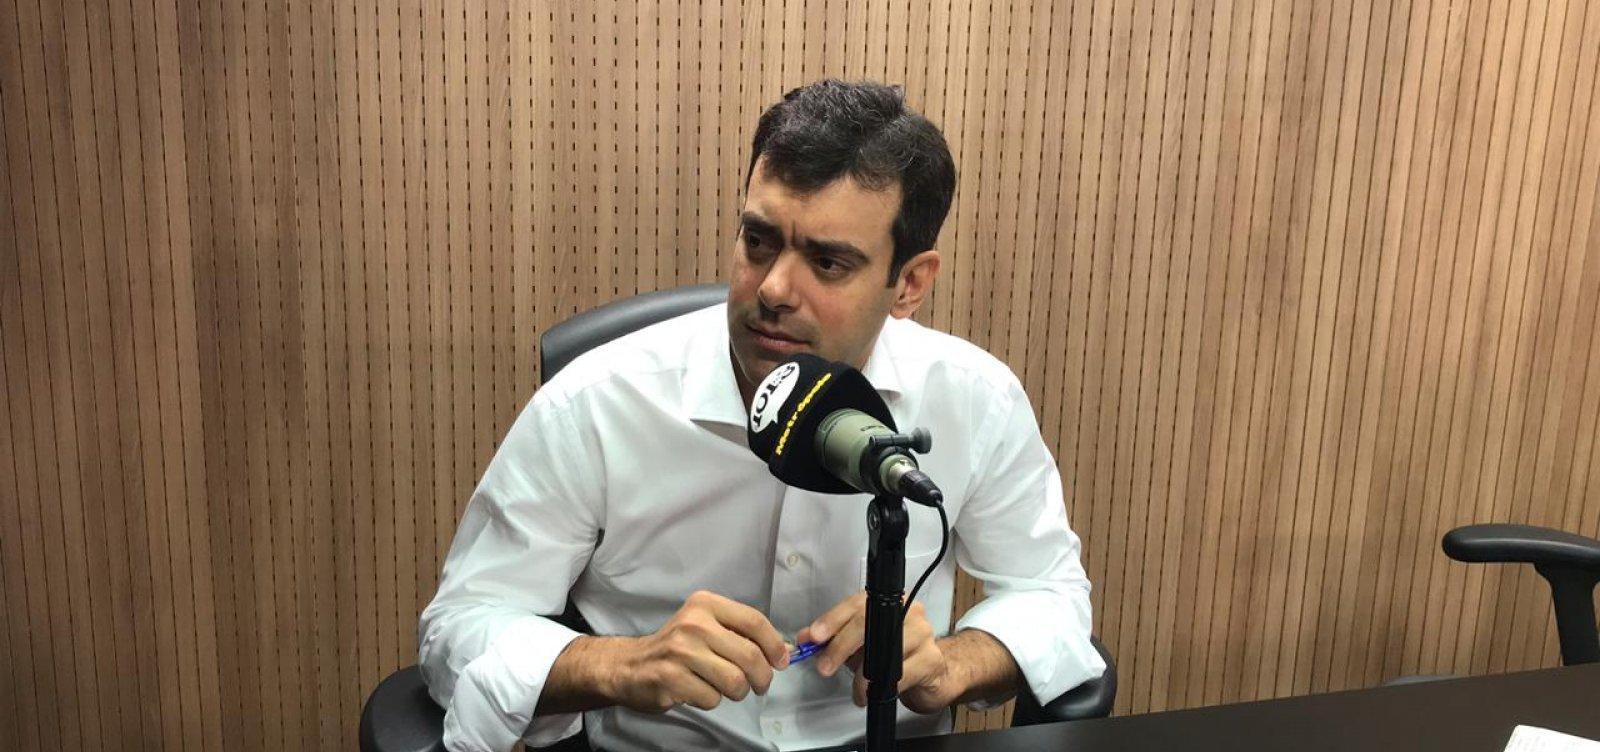 [Tiago Correia quer disputar prefeitura de Salvador: 'Tem eu também']